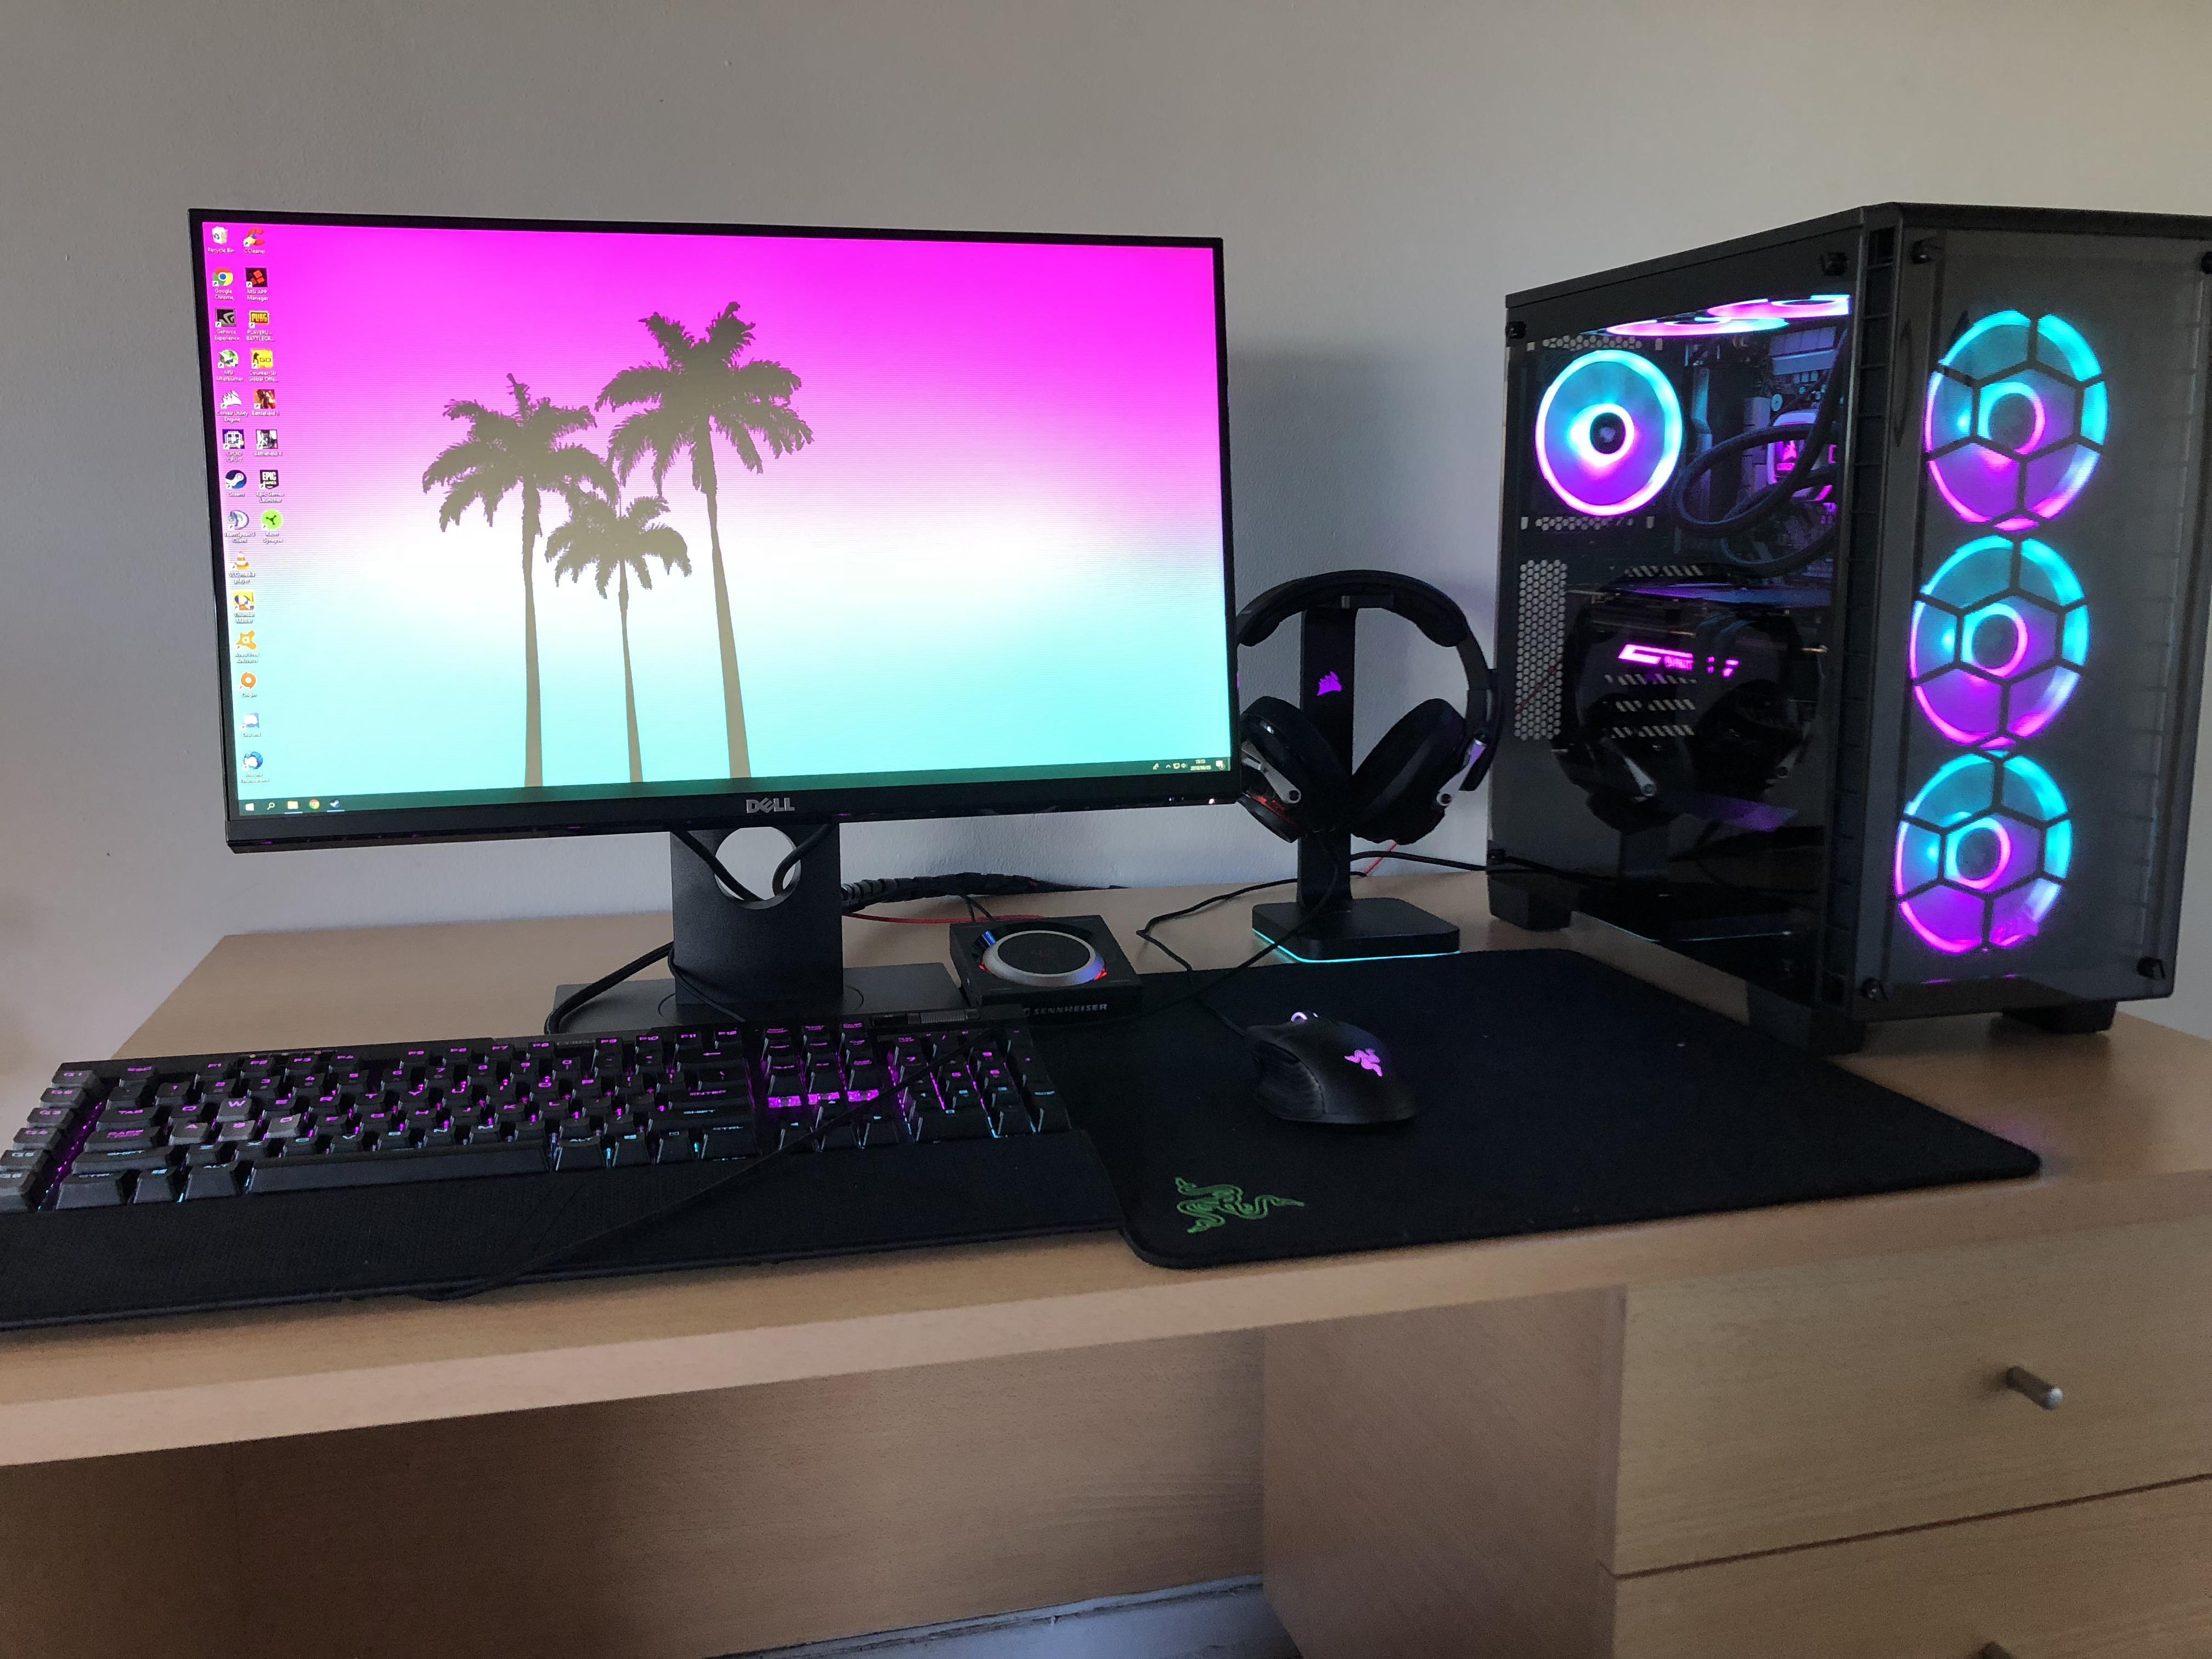 Картинки компьютеров красивые